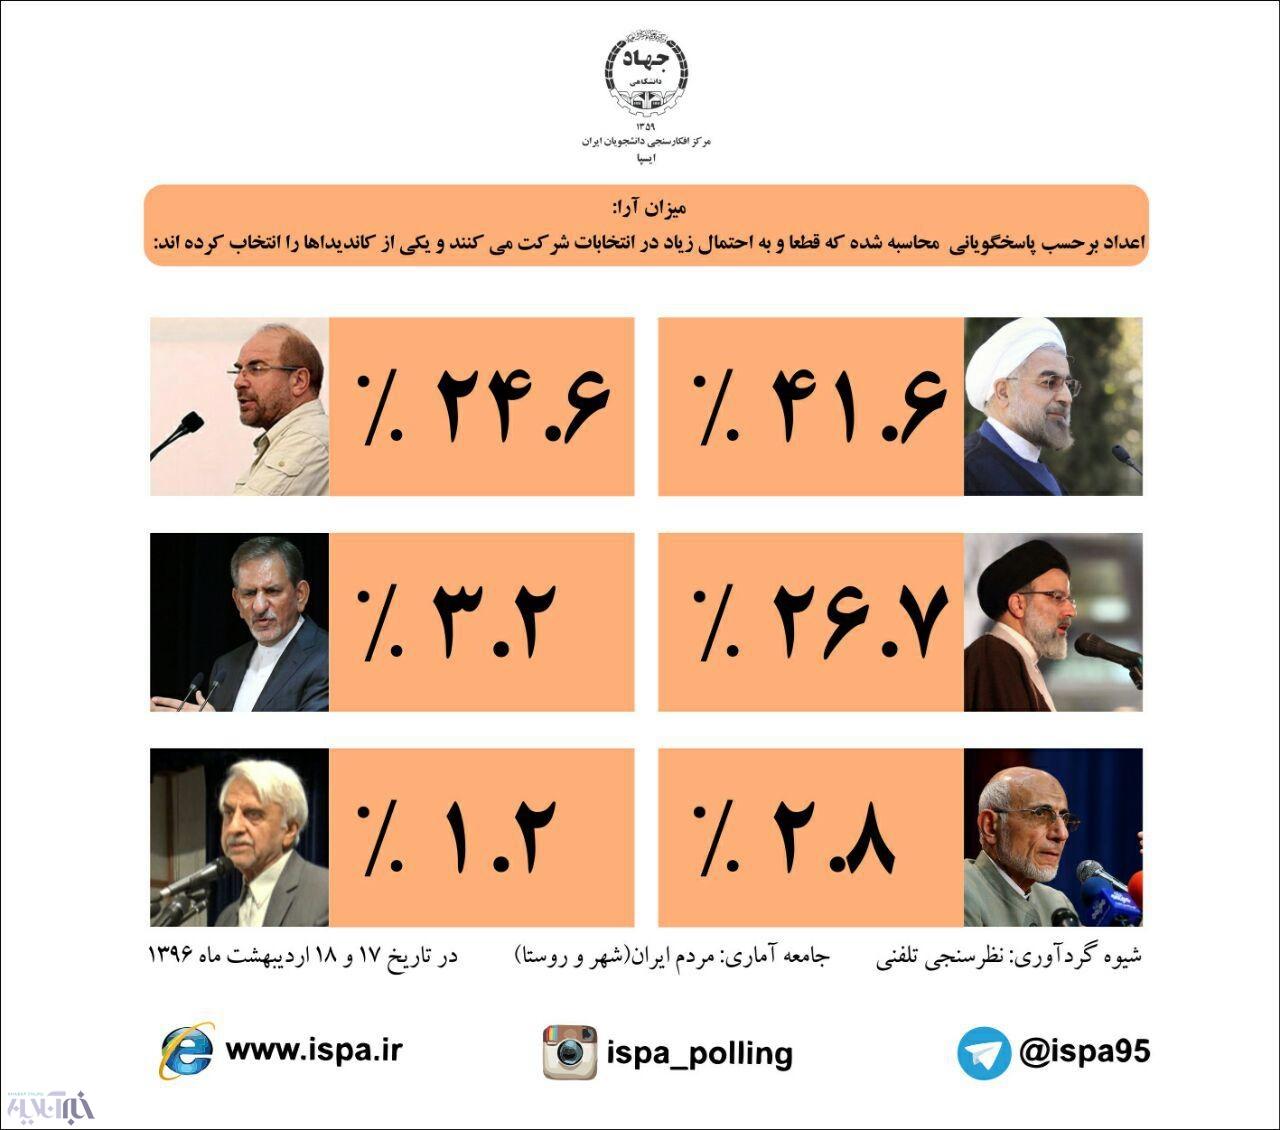 جدیدترین نظرسنجی ایسپا؛ روحانی در صدر است/رئیسی از قالیباف جلو افتاد